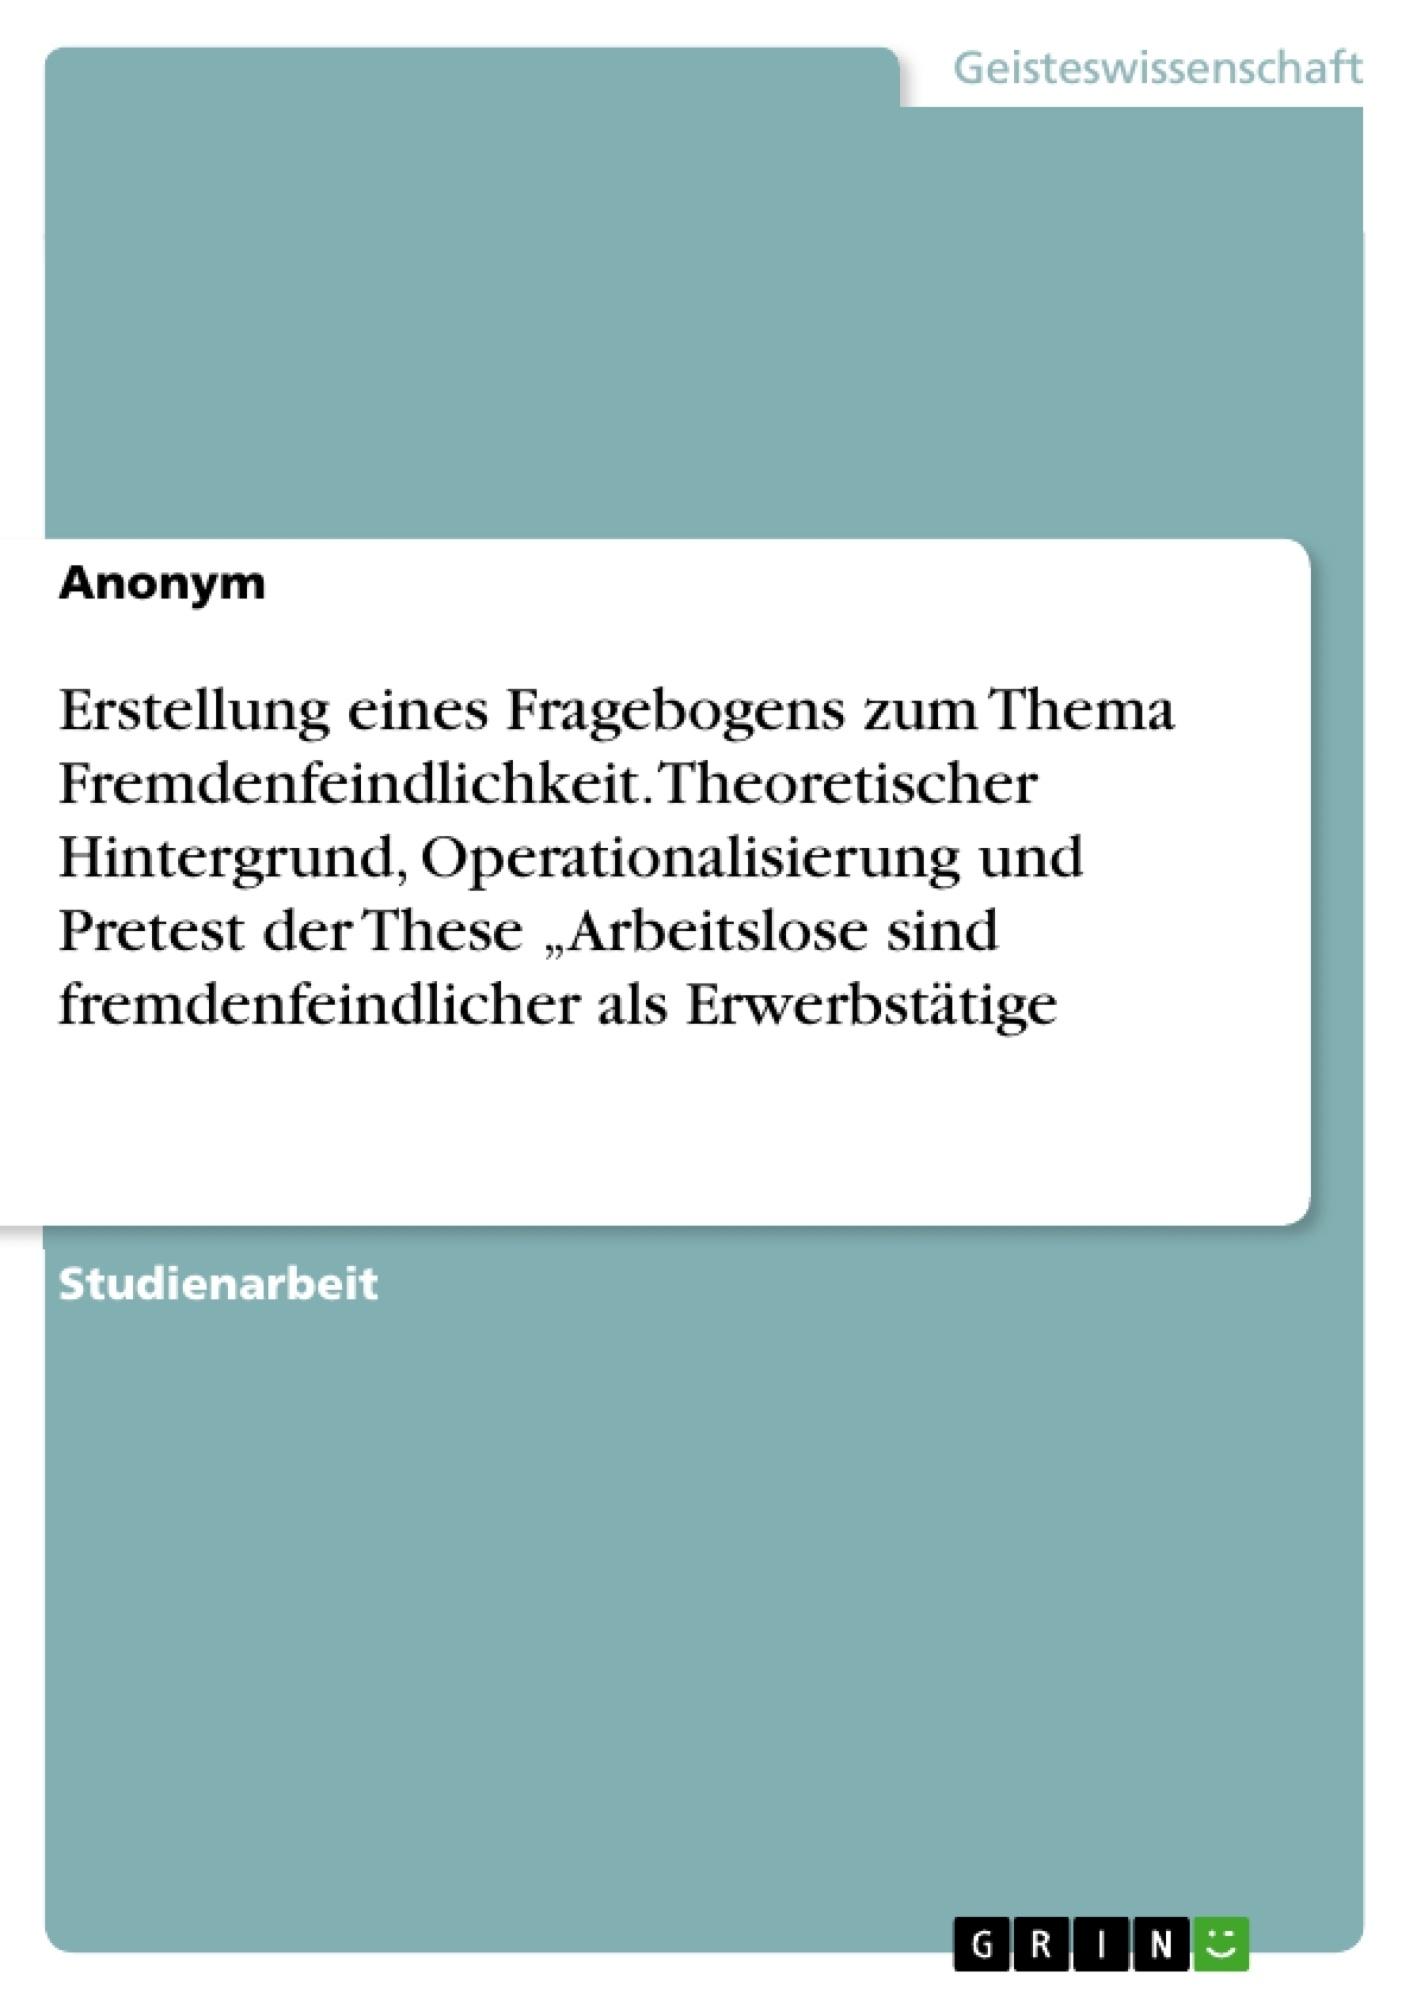 """Titel: Erstellung eines Fragebogens zum Thema Fremdenfeindlichkeit. Theoretischer Hintergrund, Operationalisierung und Pretest der These """"Arbeitslose sind fremdenfeindlicher als Erwerbstätige"""